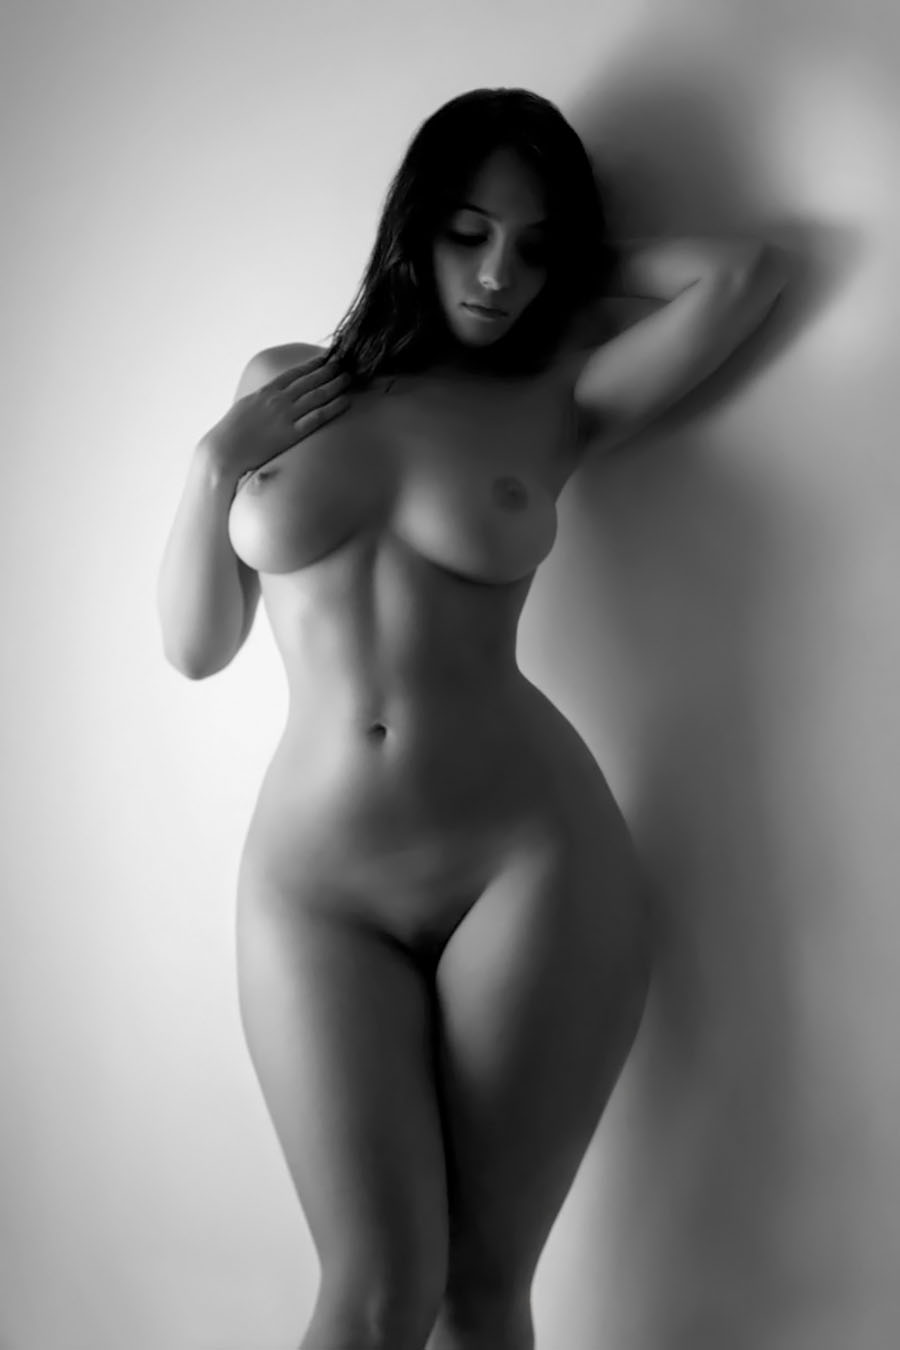 Фото обнаженных девушек с красивой фигурой 9 фотография